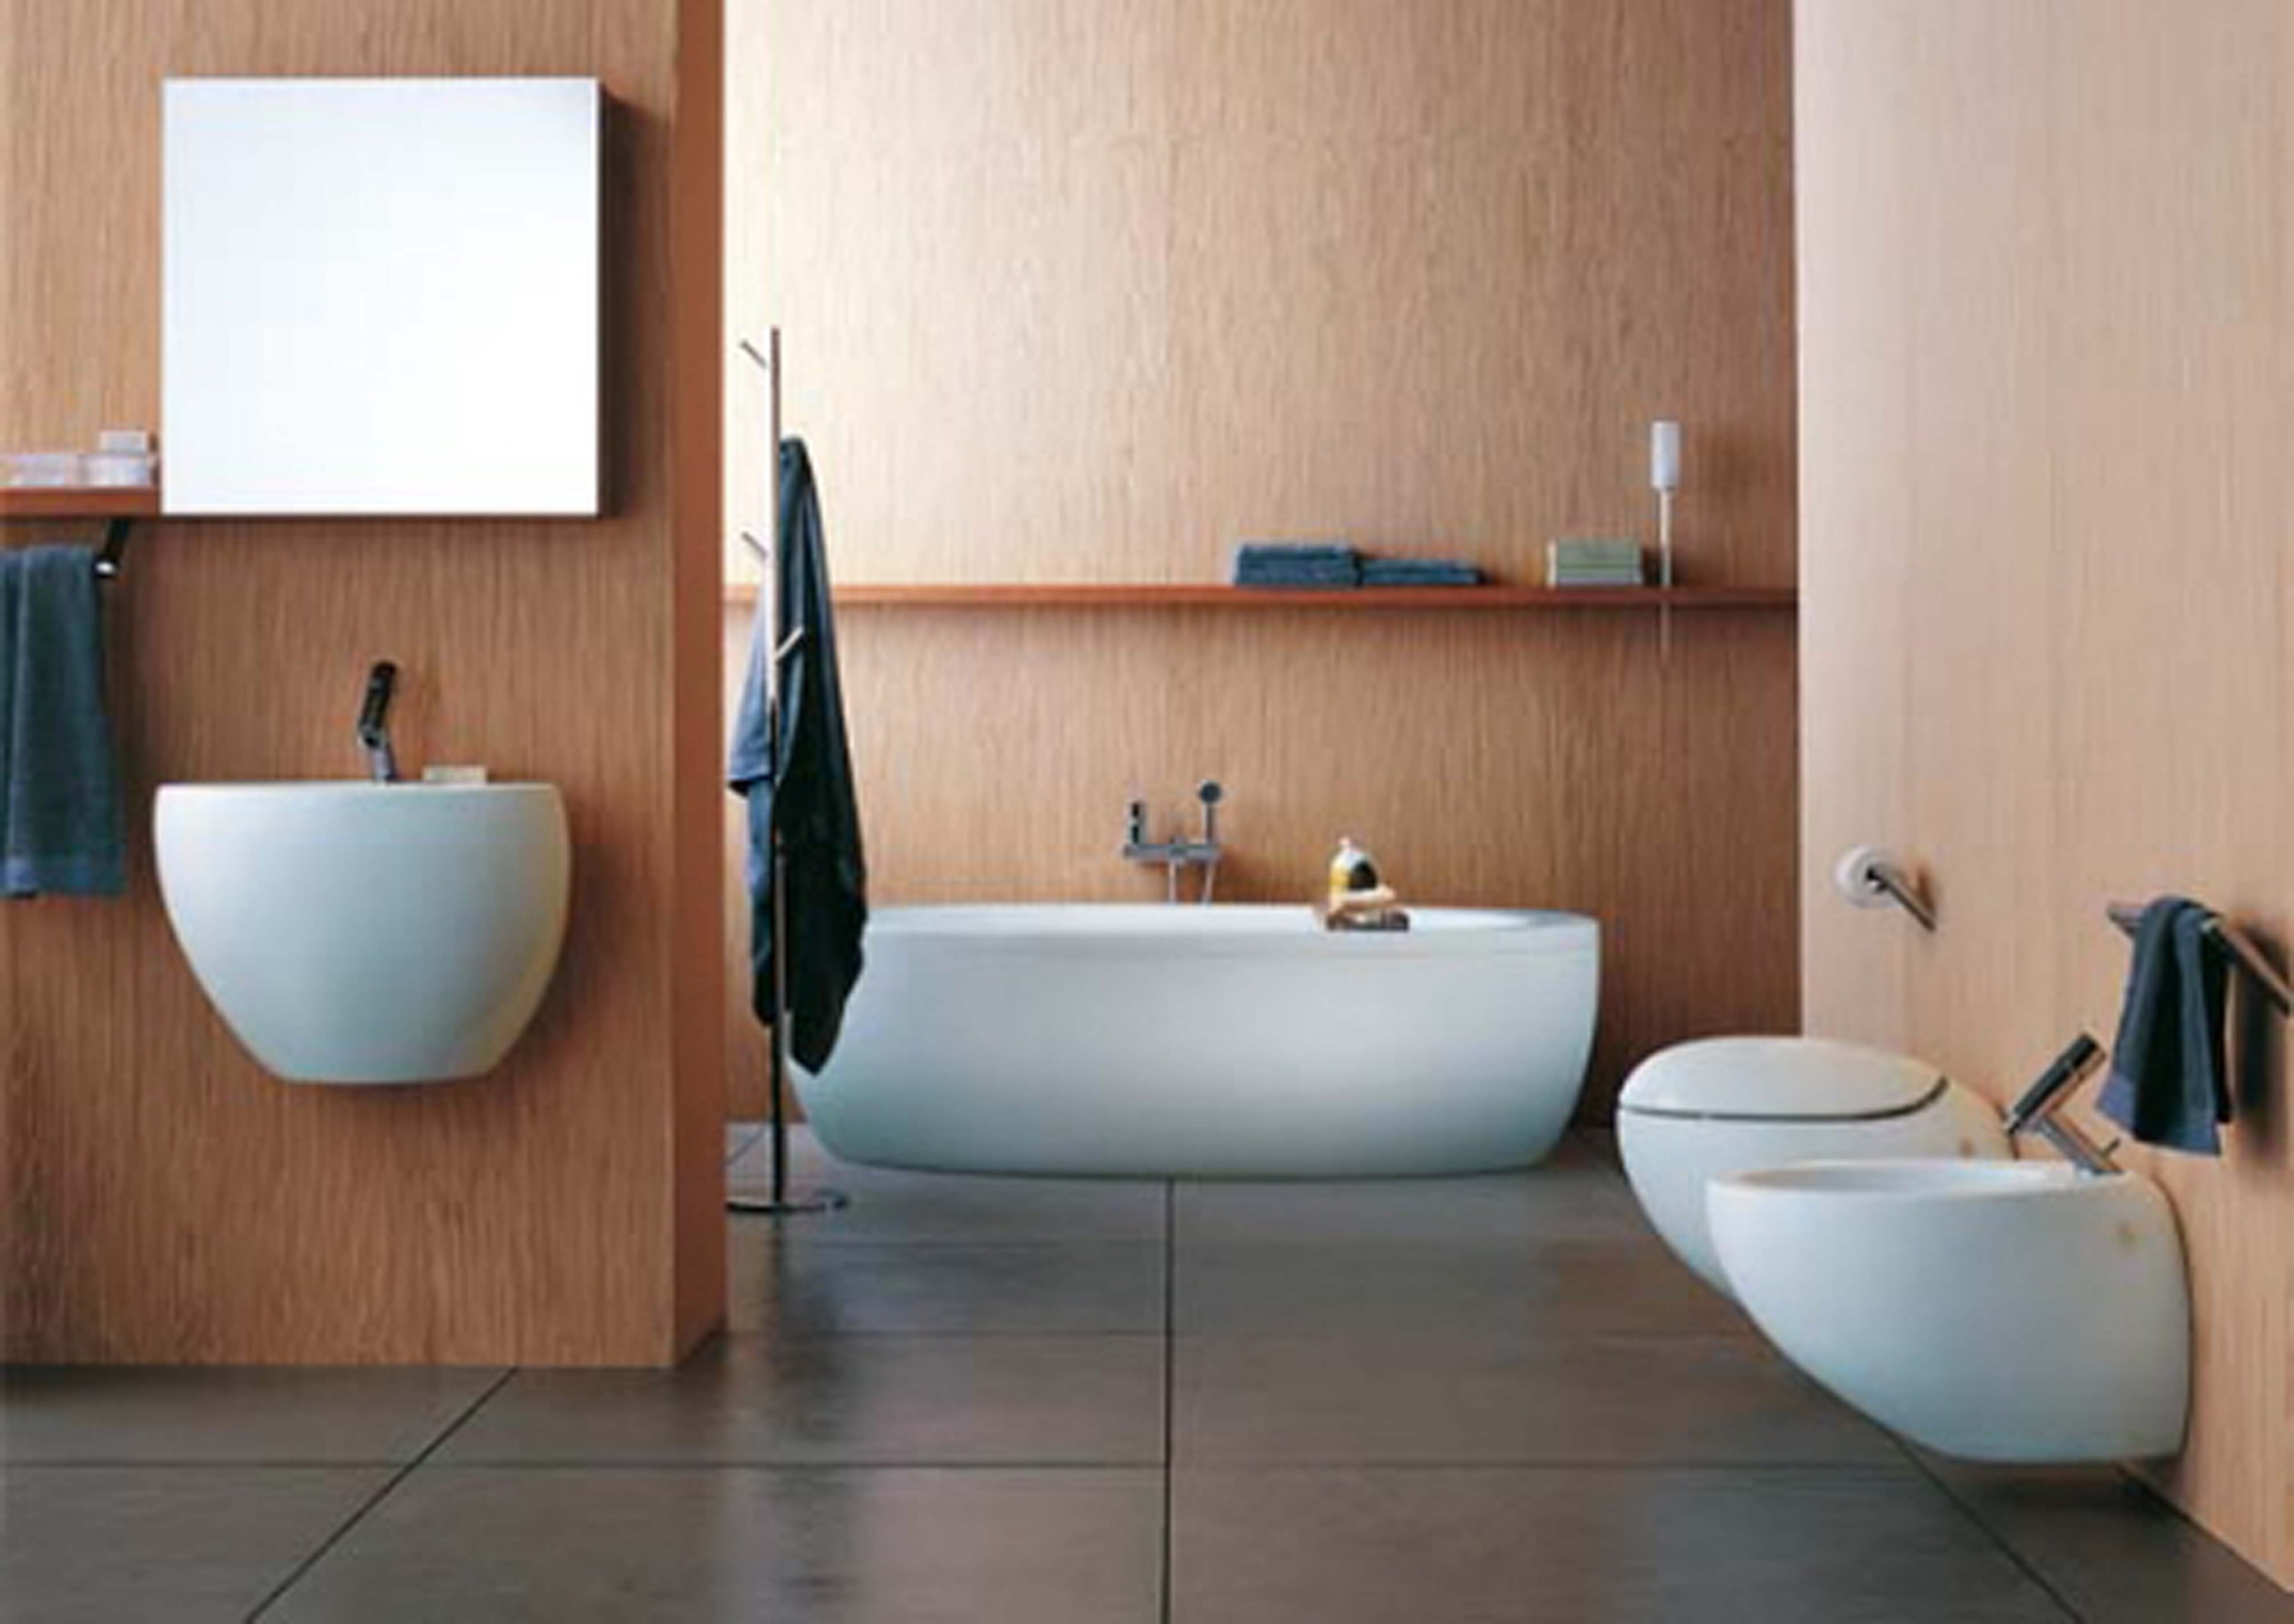 italian-bathrooms-4-clean-bathroom-5550-x-3929